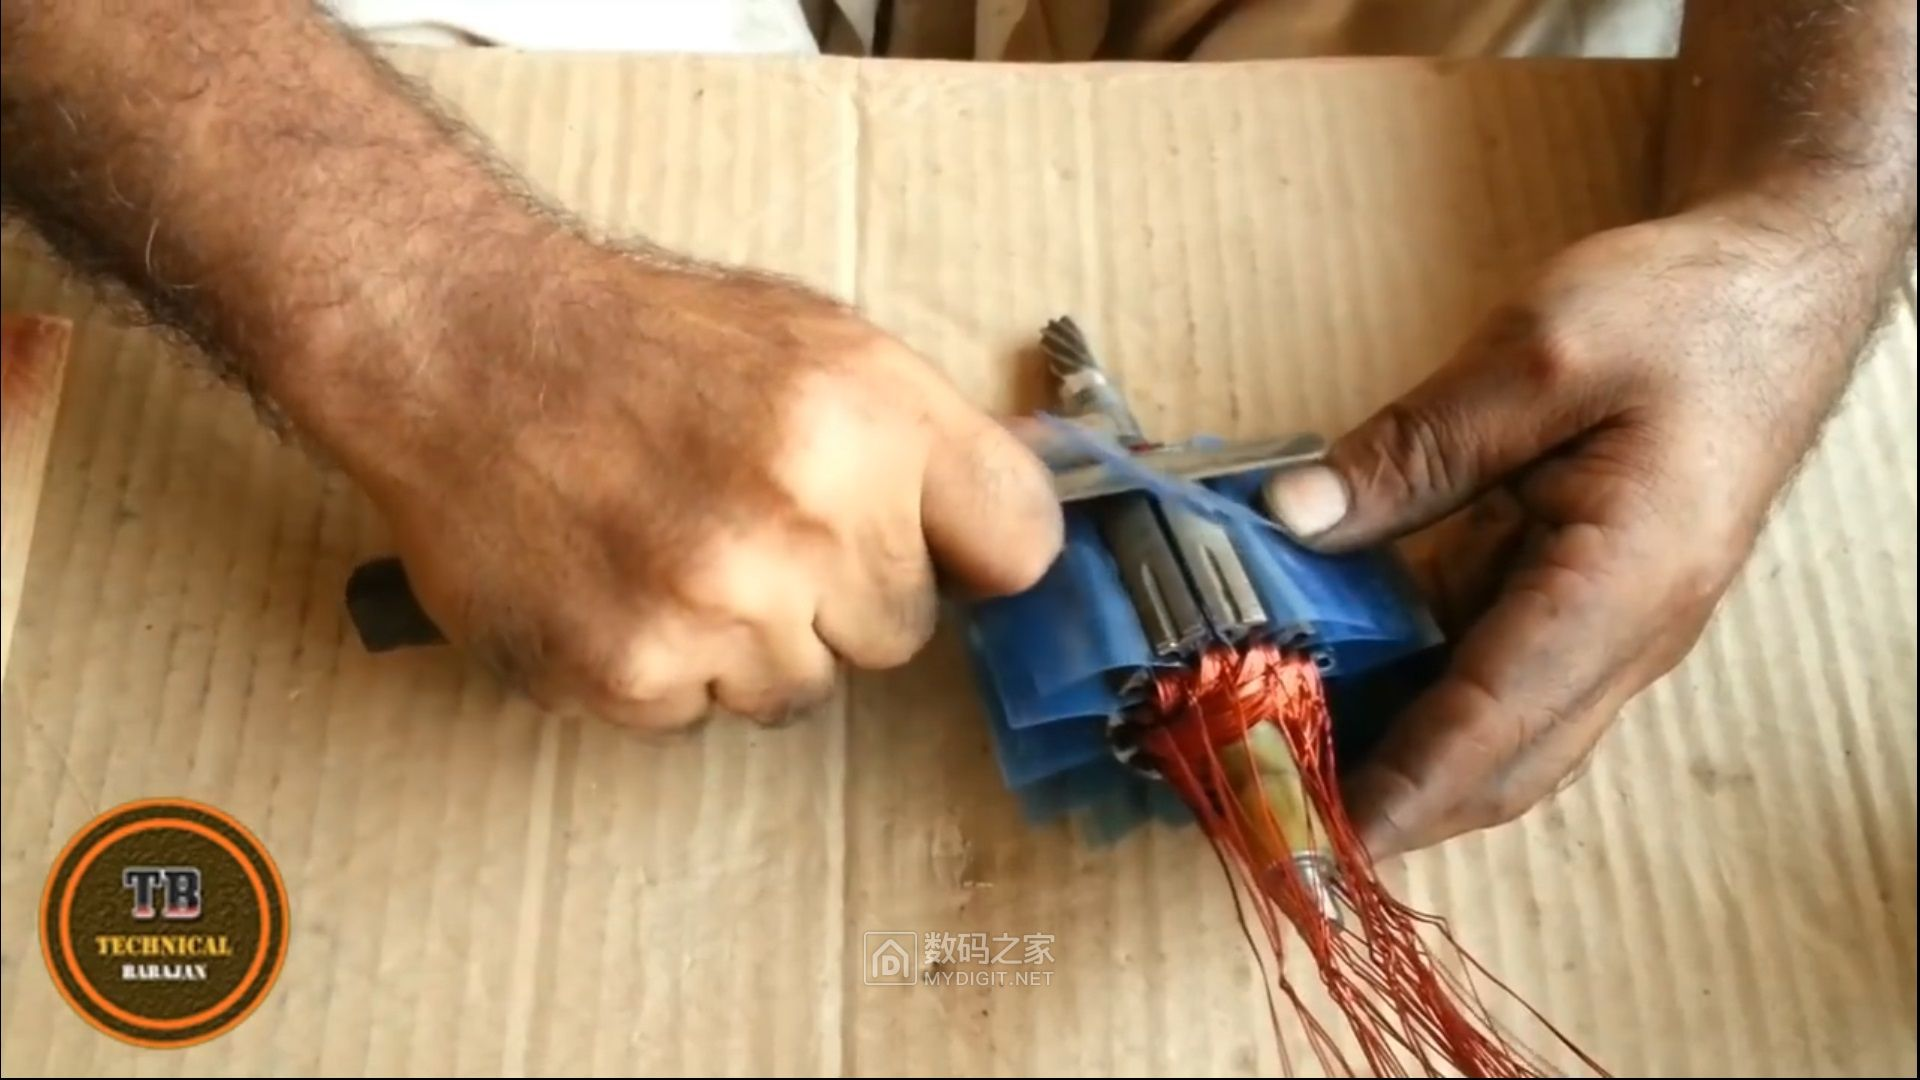 发一个德伟电圆锯转子重绕的视频(转载于油管)